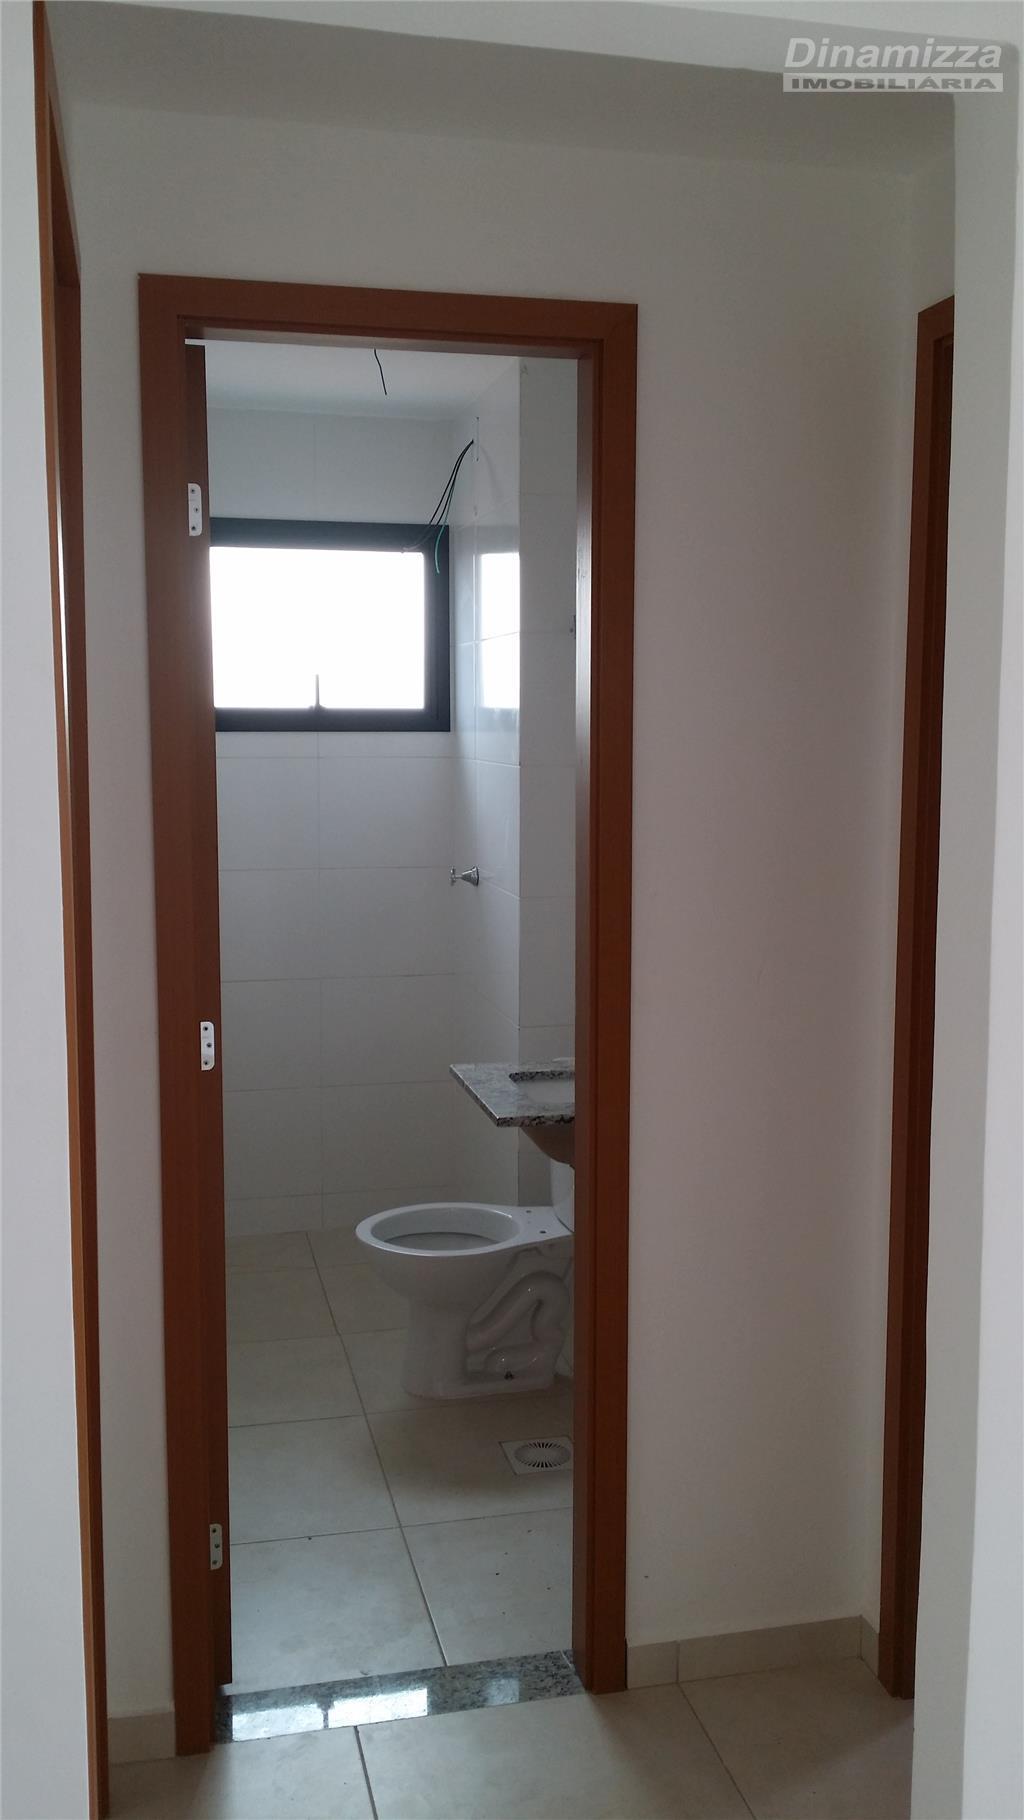 apartamentos novos, recém construídos e acabamento diferenciado, em localização privilegiada no bairro santa maria, próximos ao...